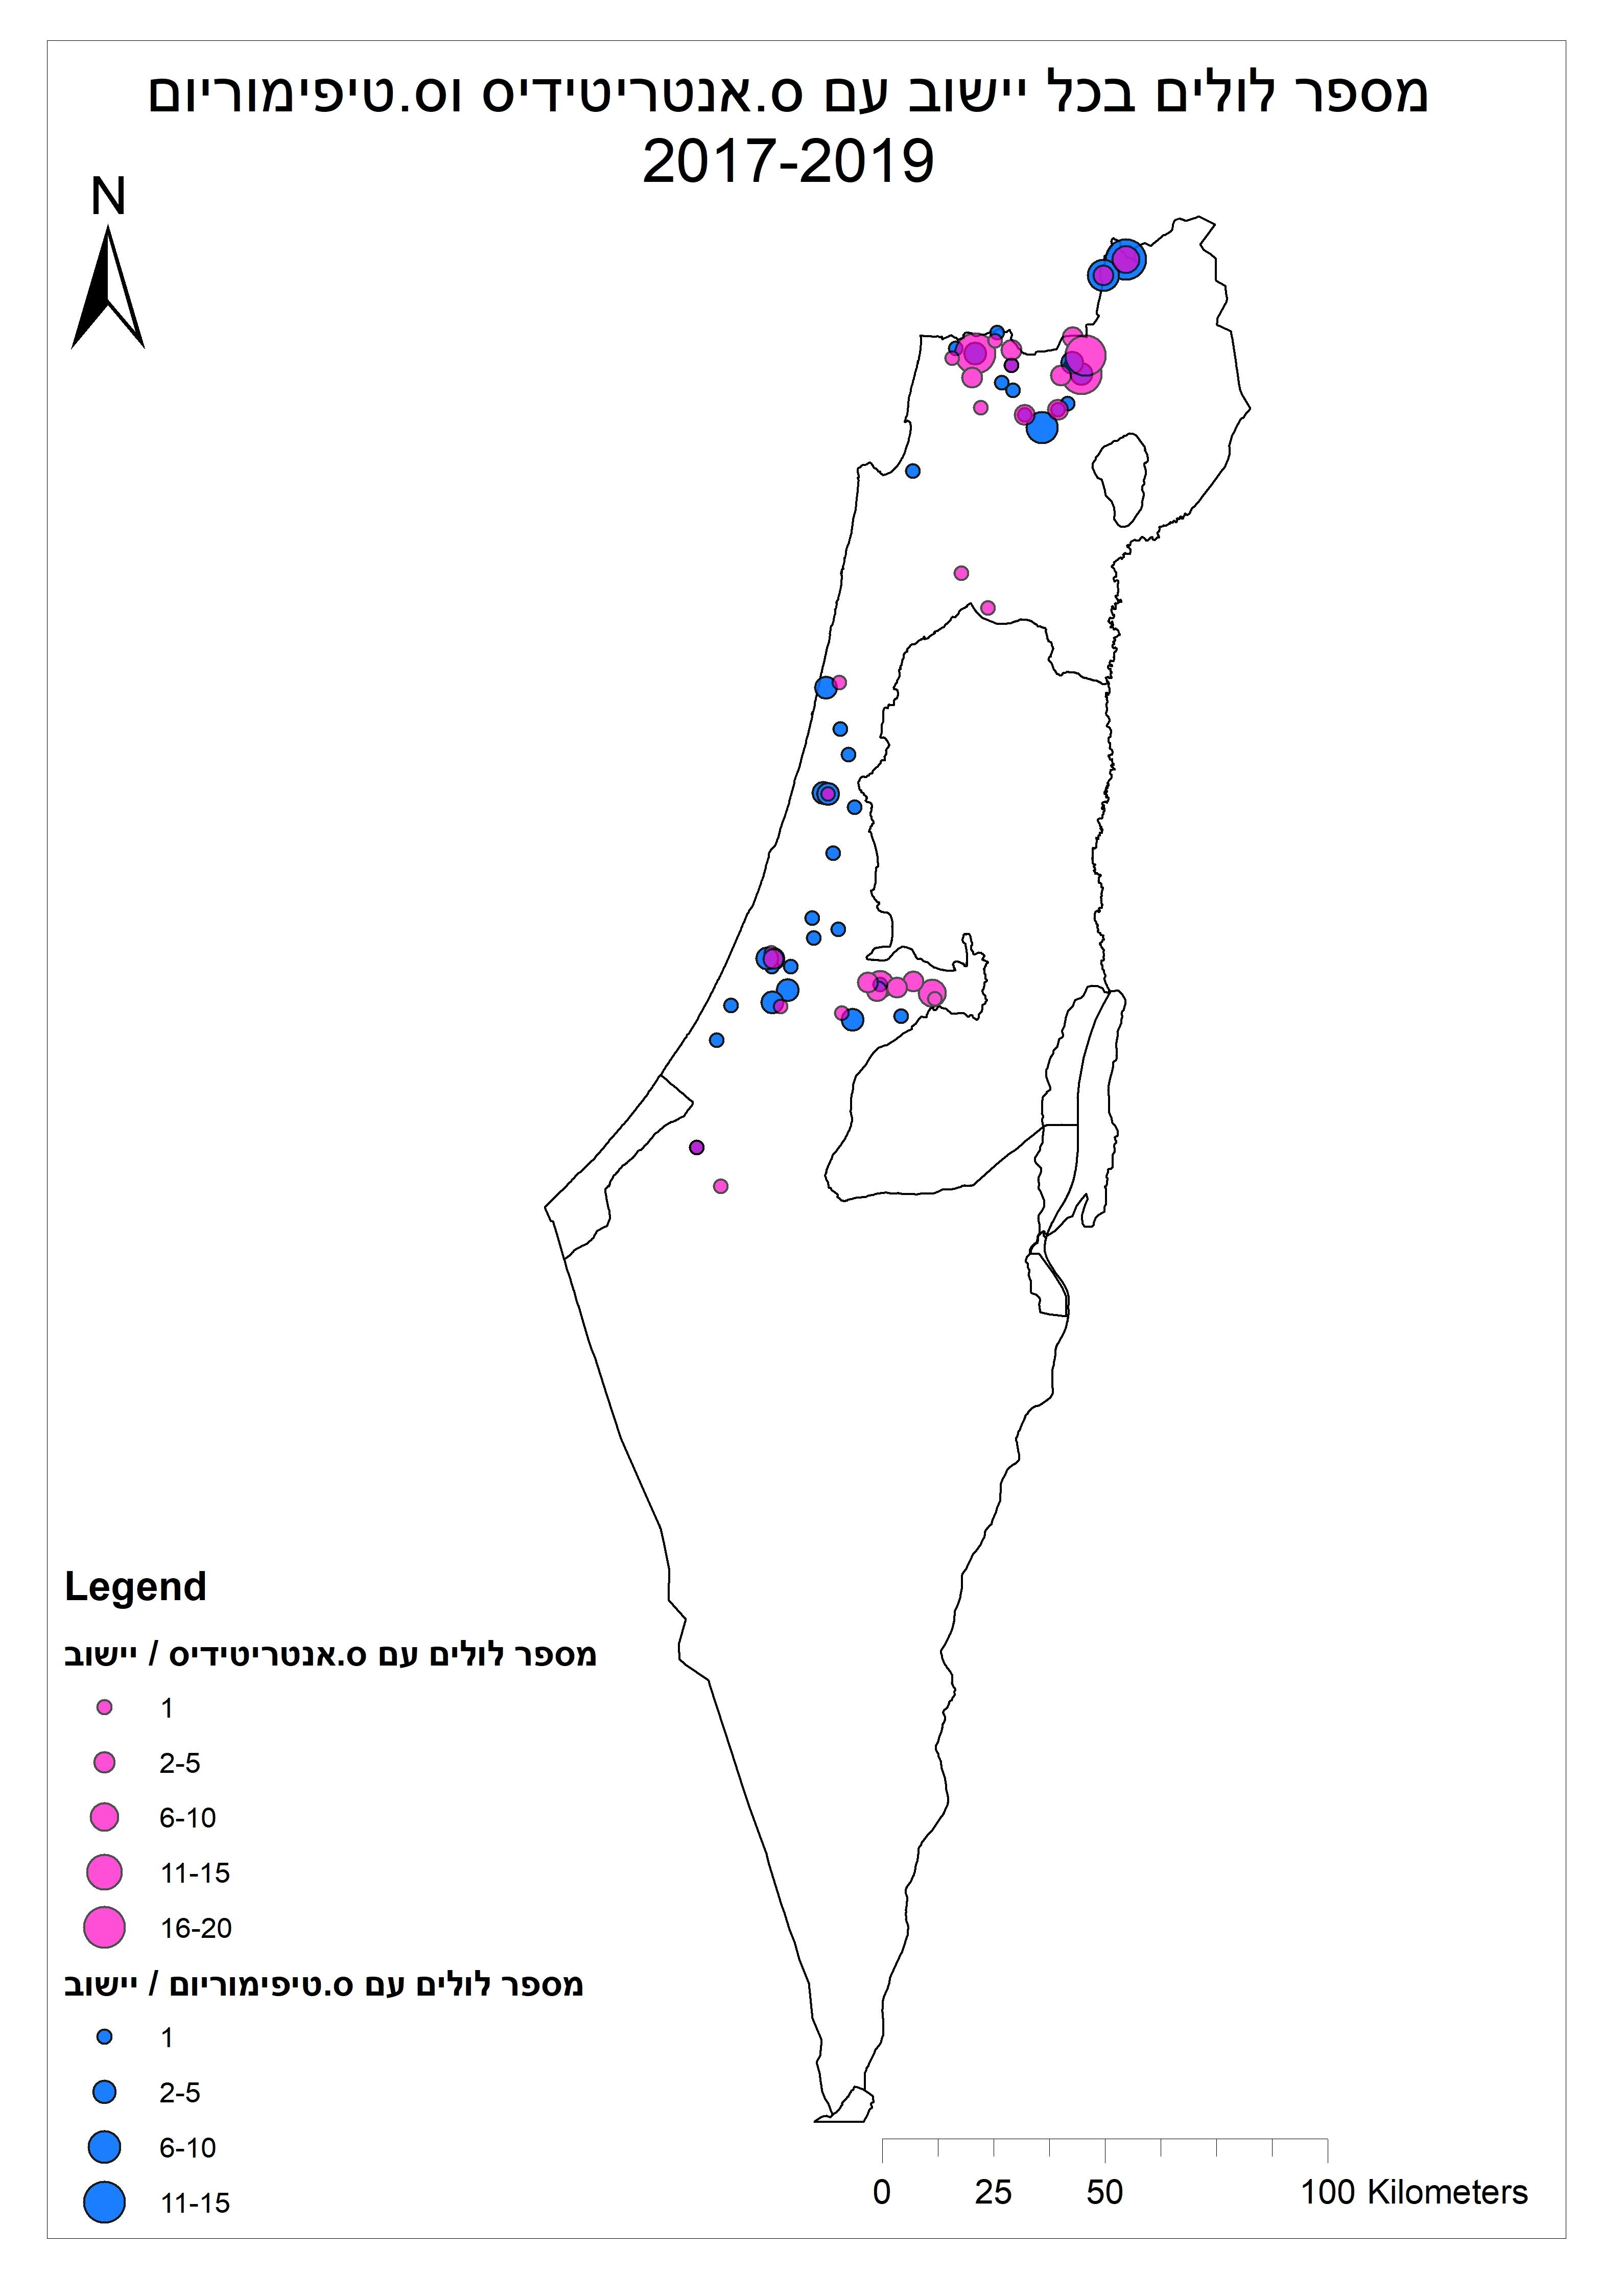 לולים נגועים בסלמונלה - מפה שנתית